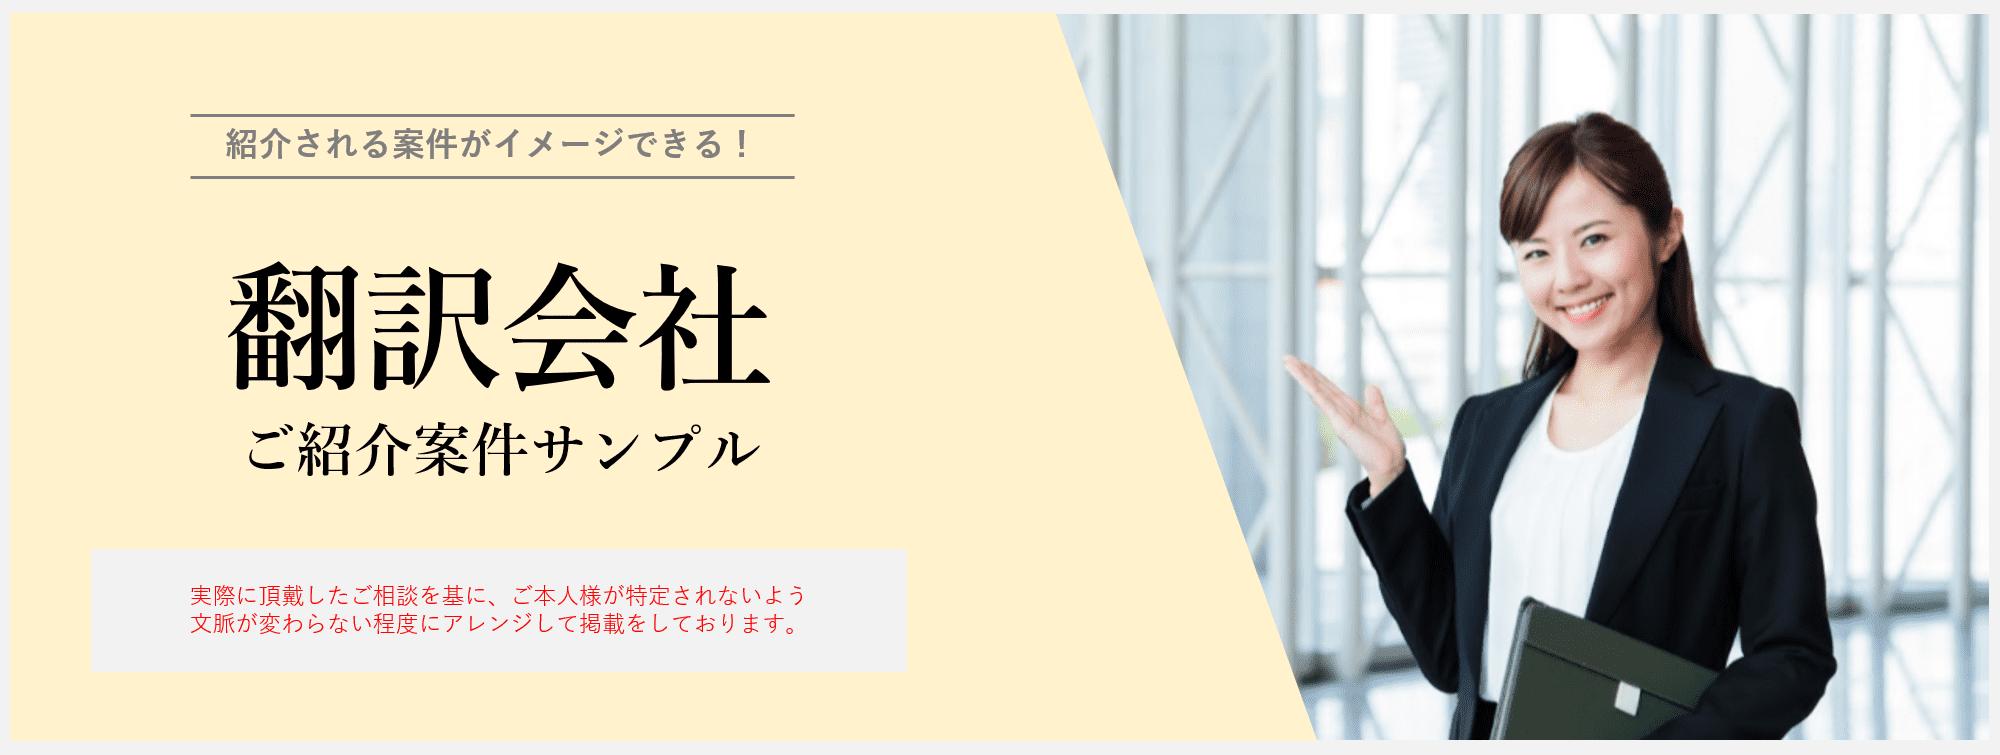 【翻訳会社】お問い合わせ実例